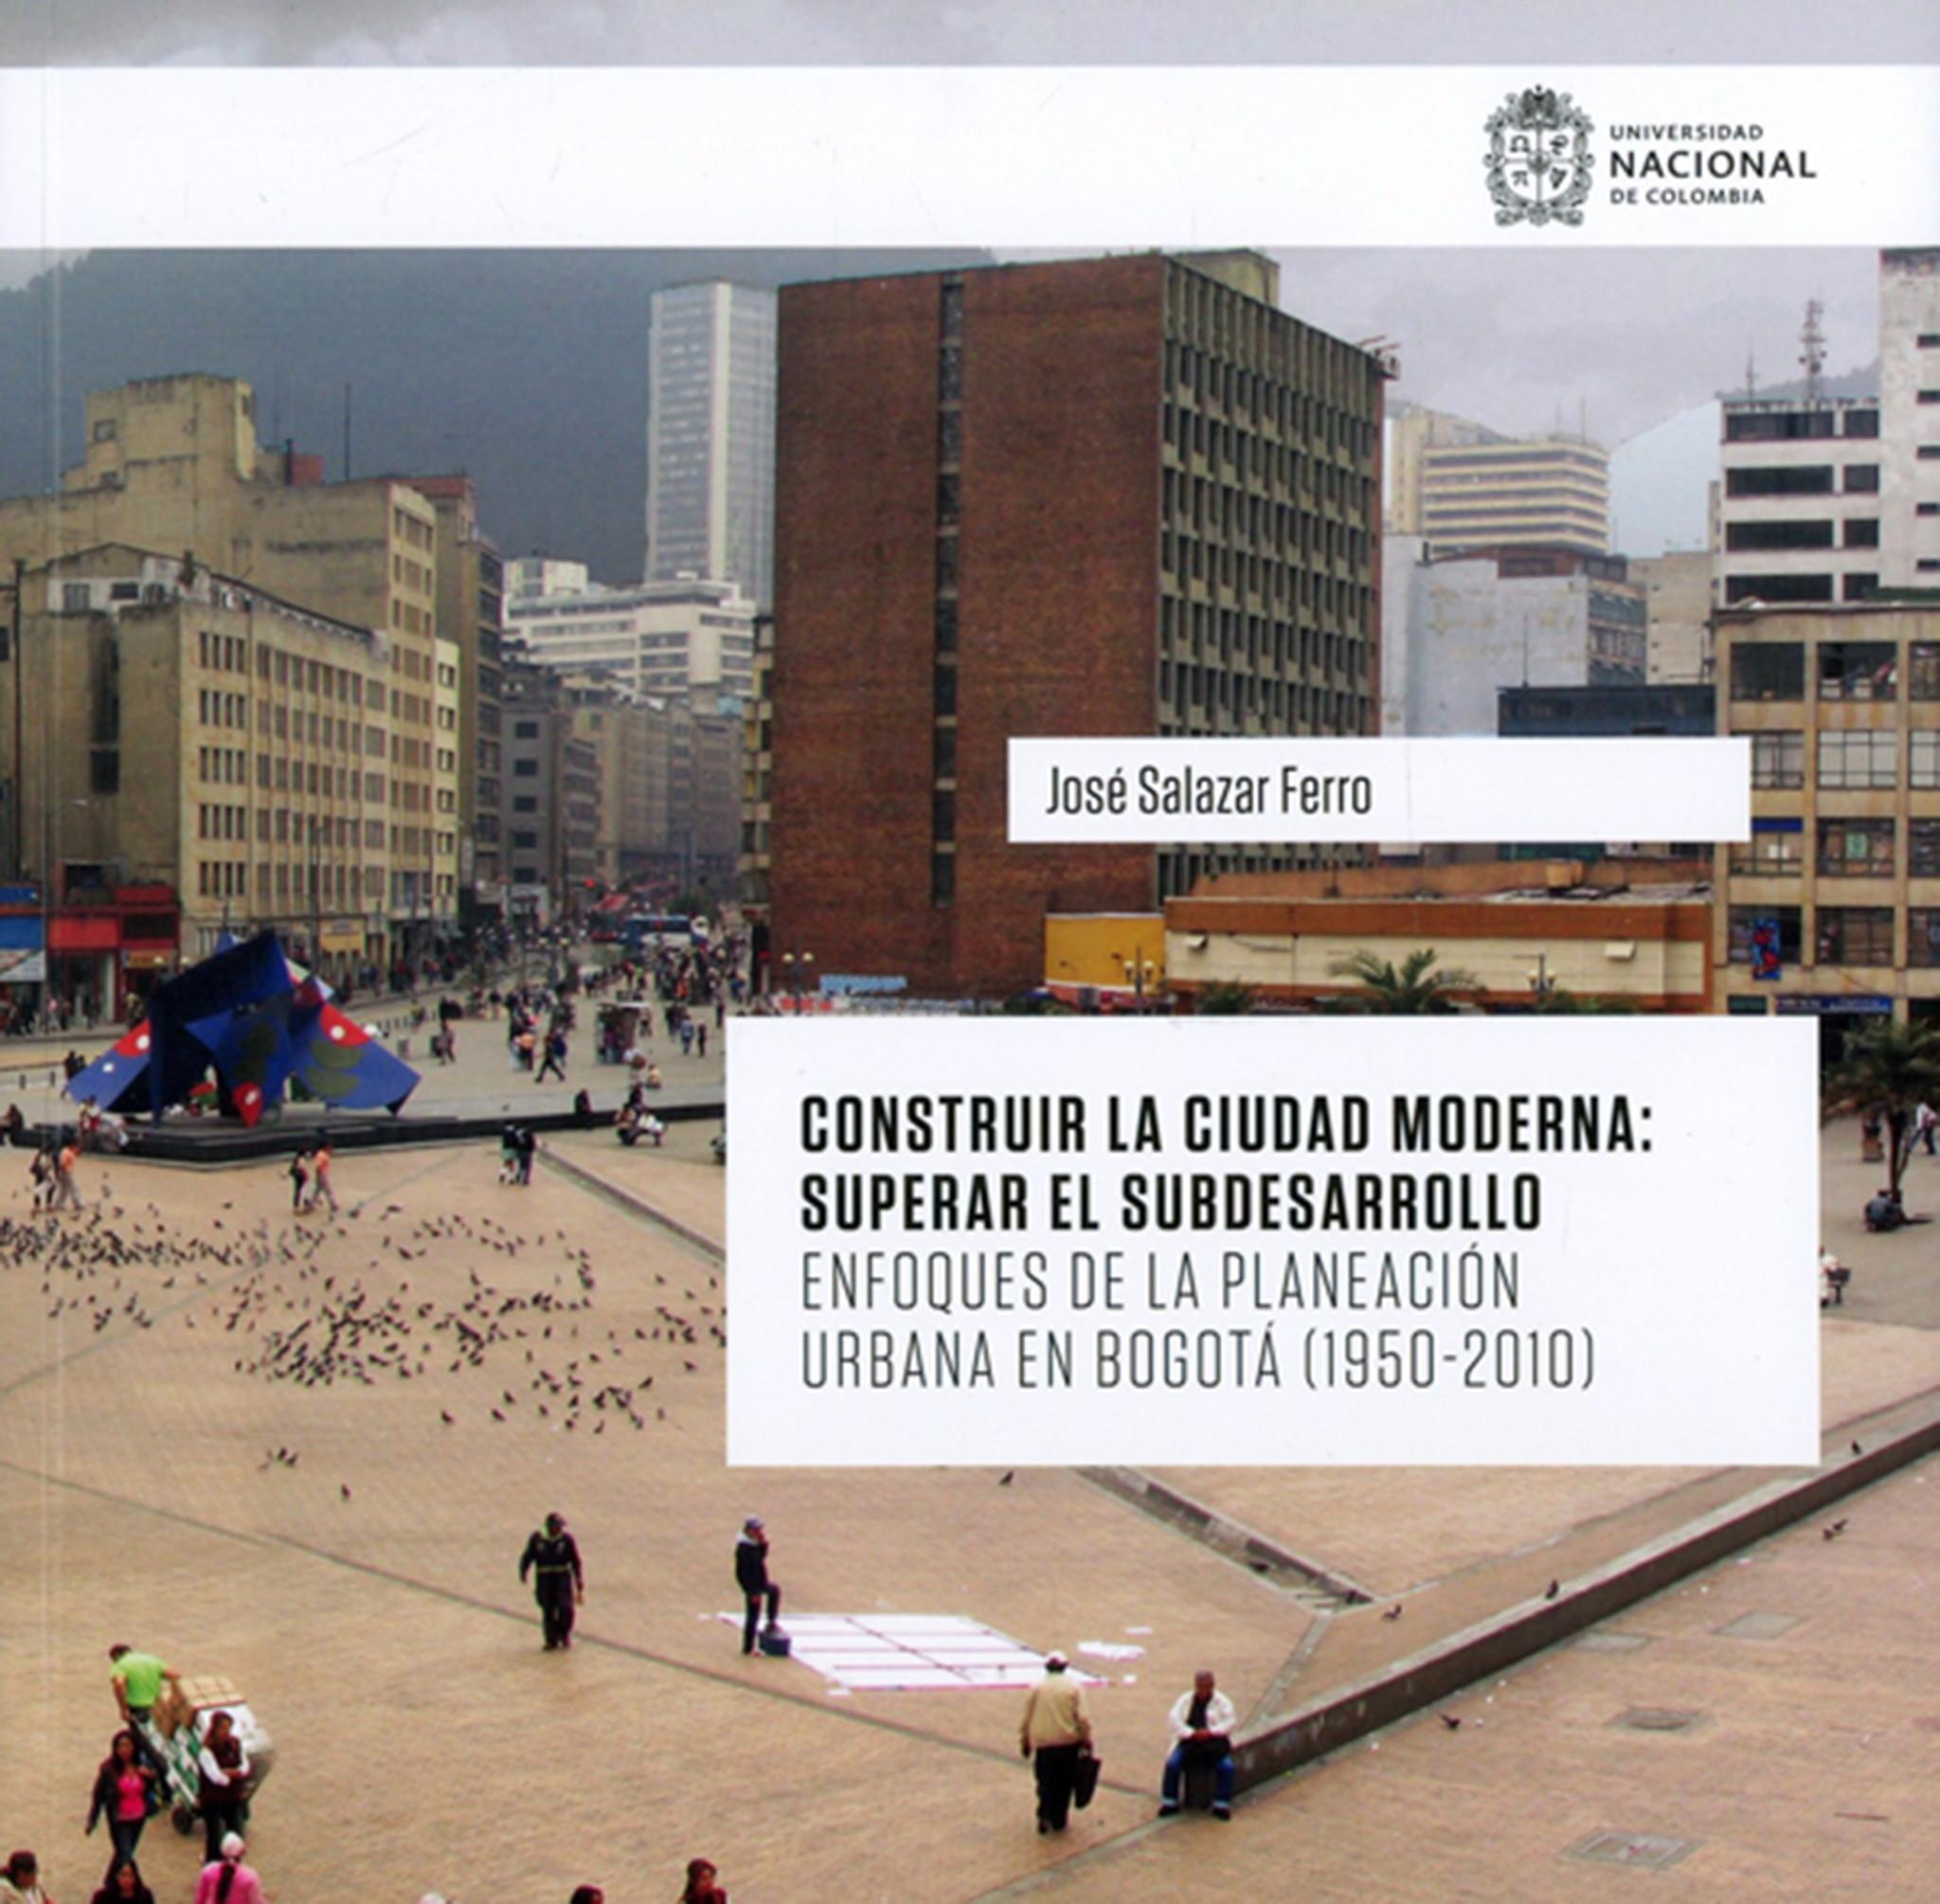 [Libro de la semana] 'Construir la ciudad moderna: superar el subdesarrollo. Enfoques de la planeación urbana en Bogotá (1950-2010)' (Facultad de Artes, Sede Bogotá)